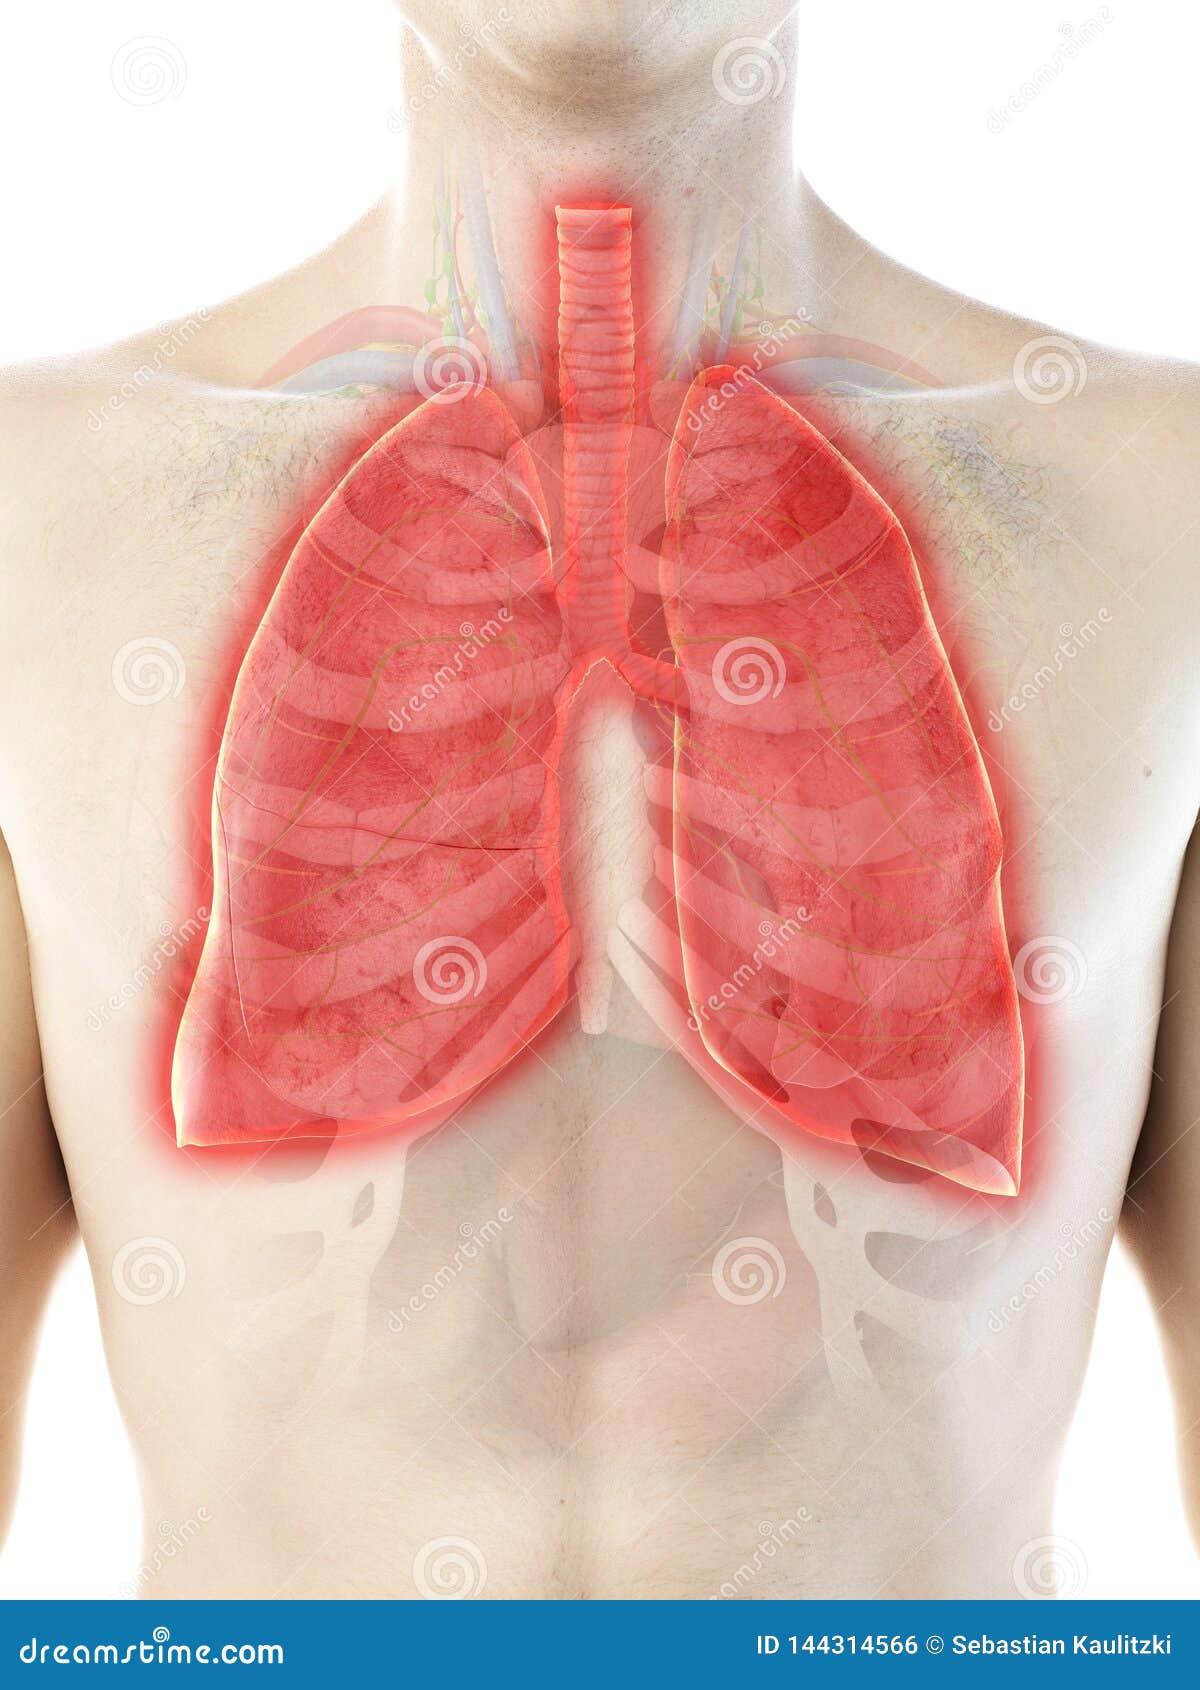 A bemant longen